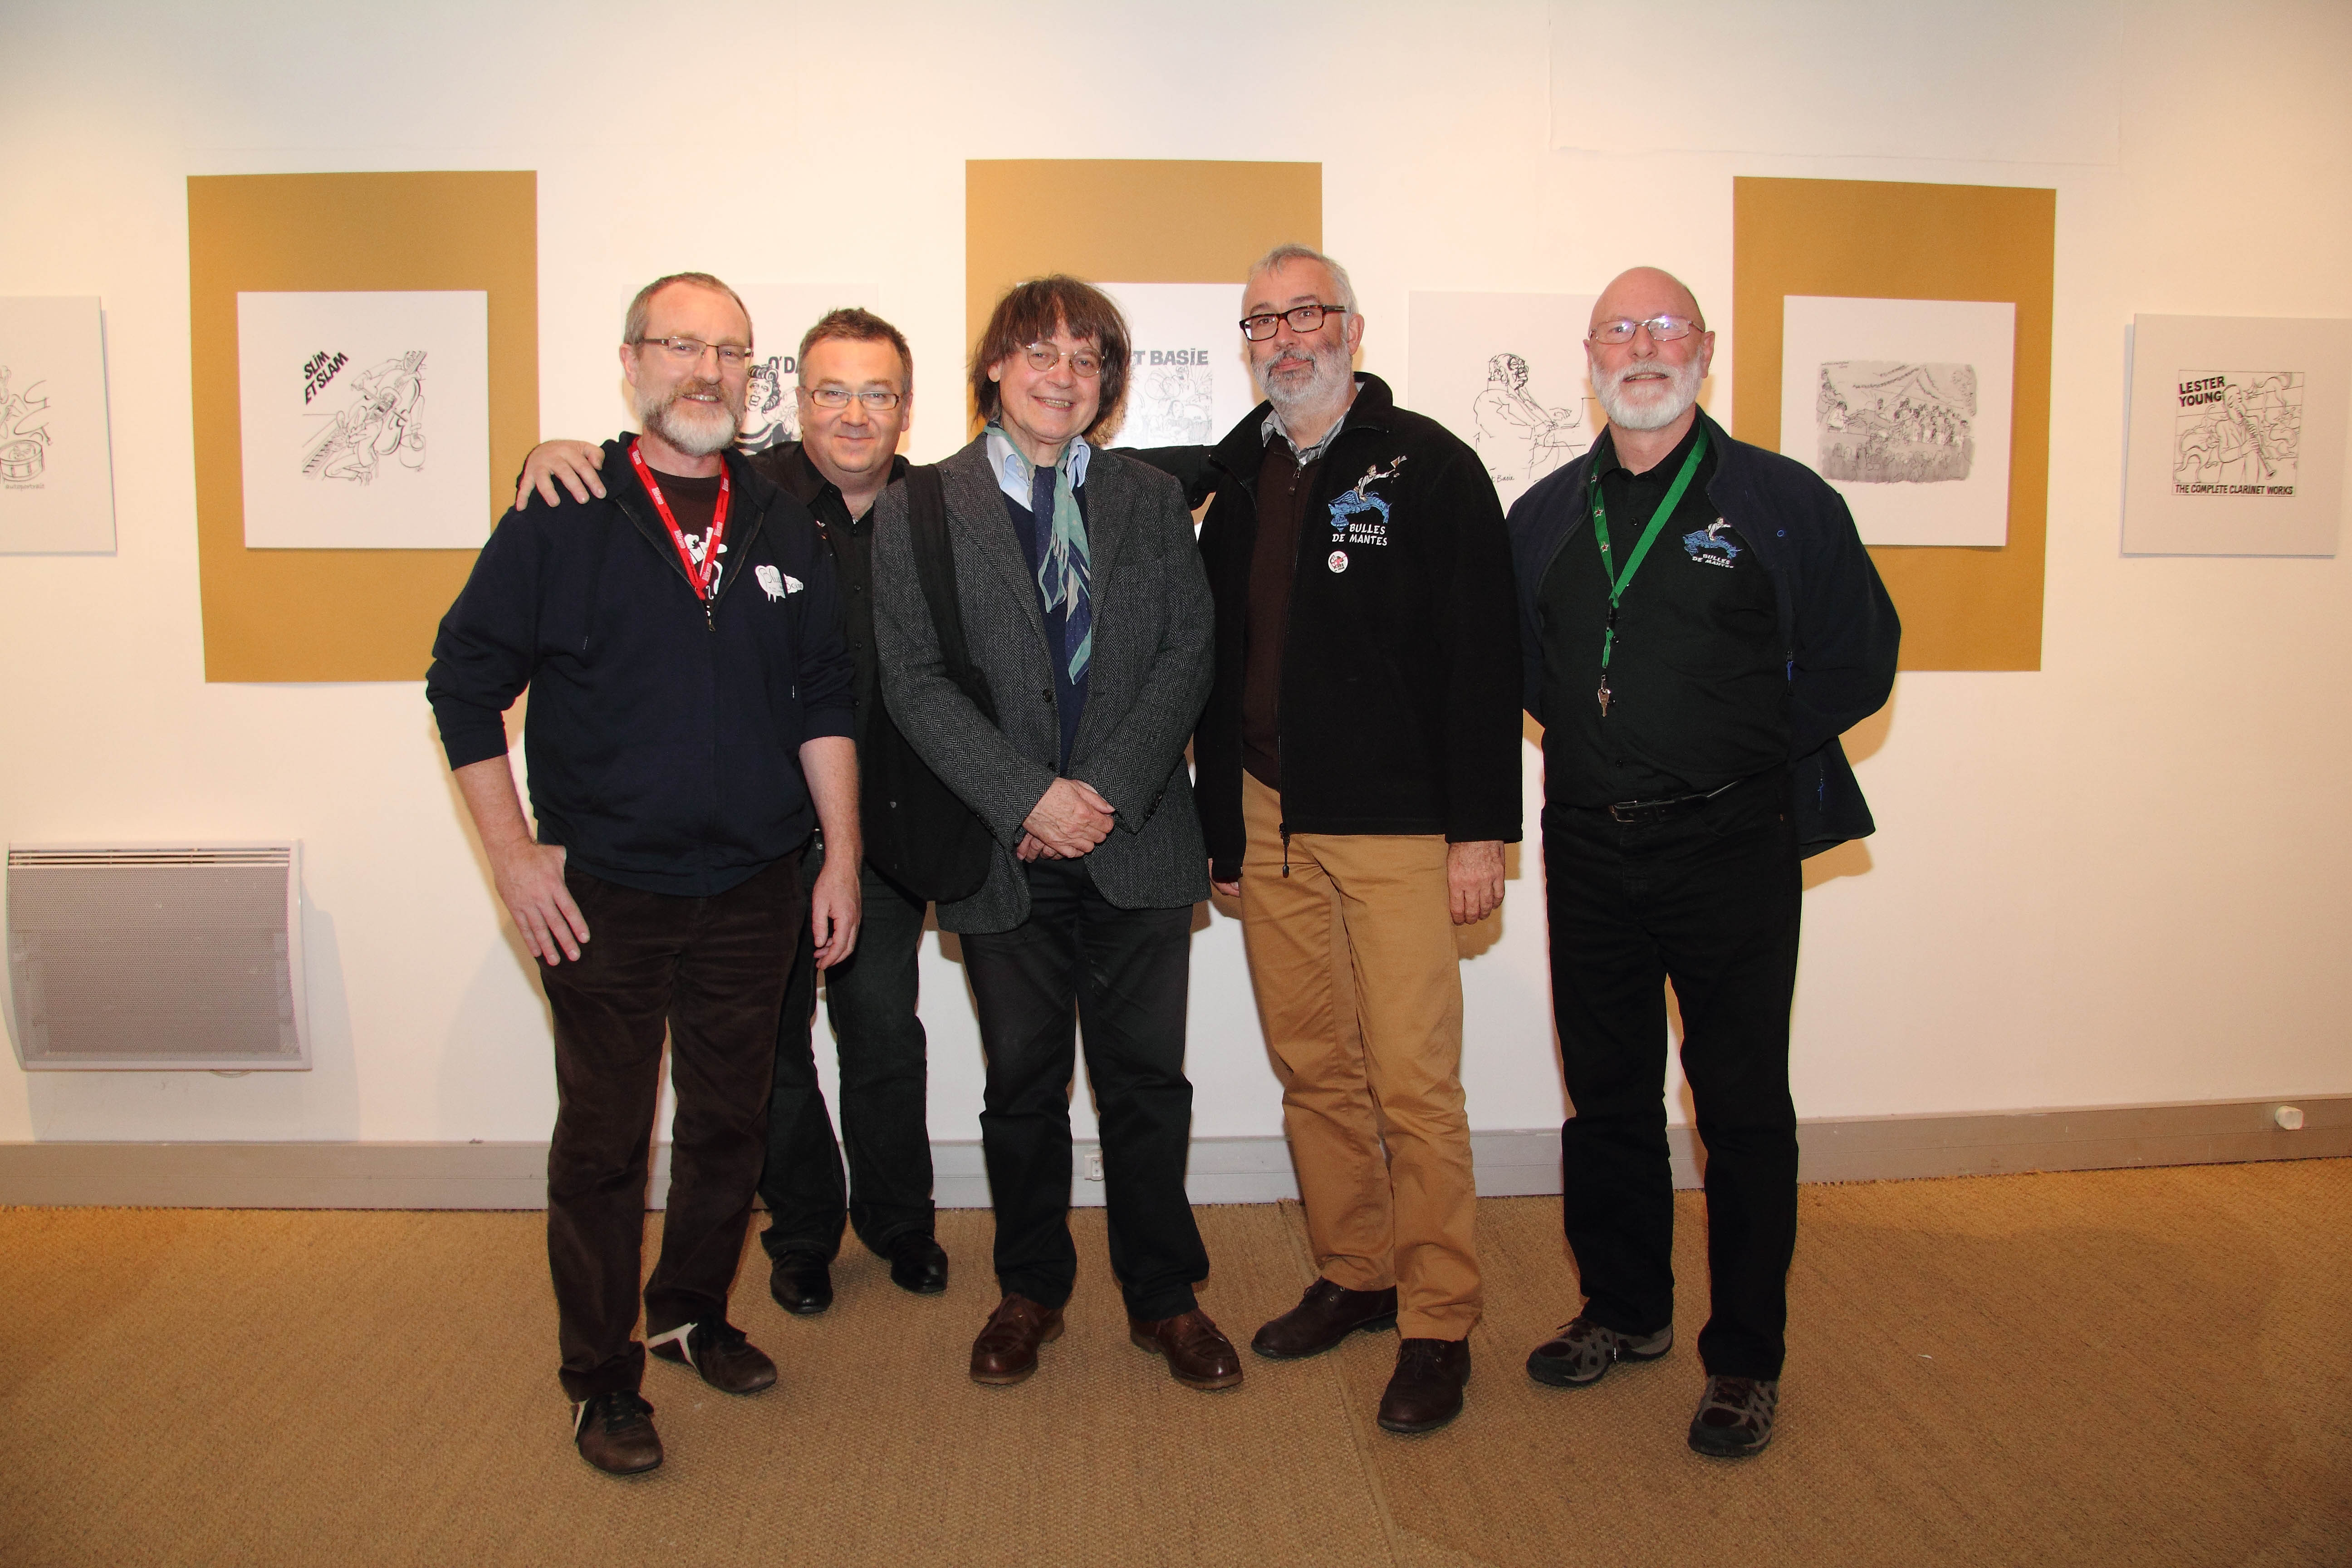 (Rosny sur seine) Exposition Cabu à l'Hospice St Charles - Pilou, Alain, Cabu, Frédéric et JM